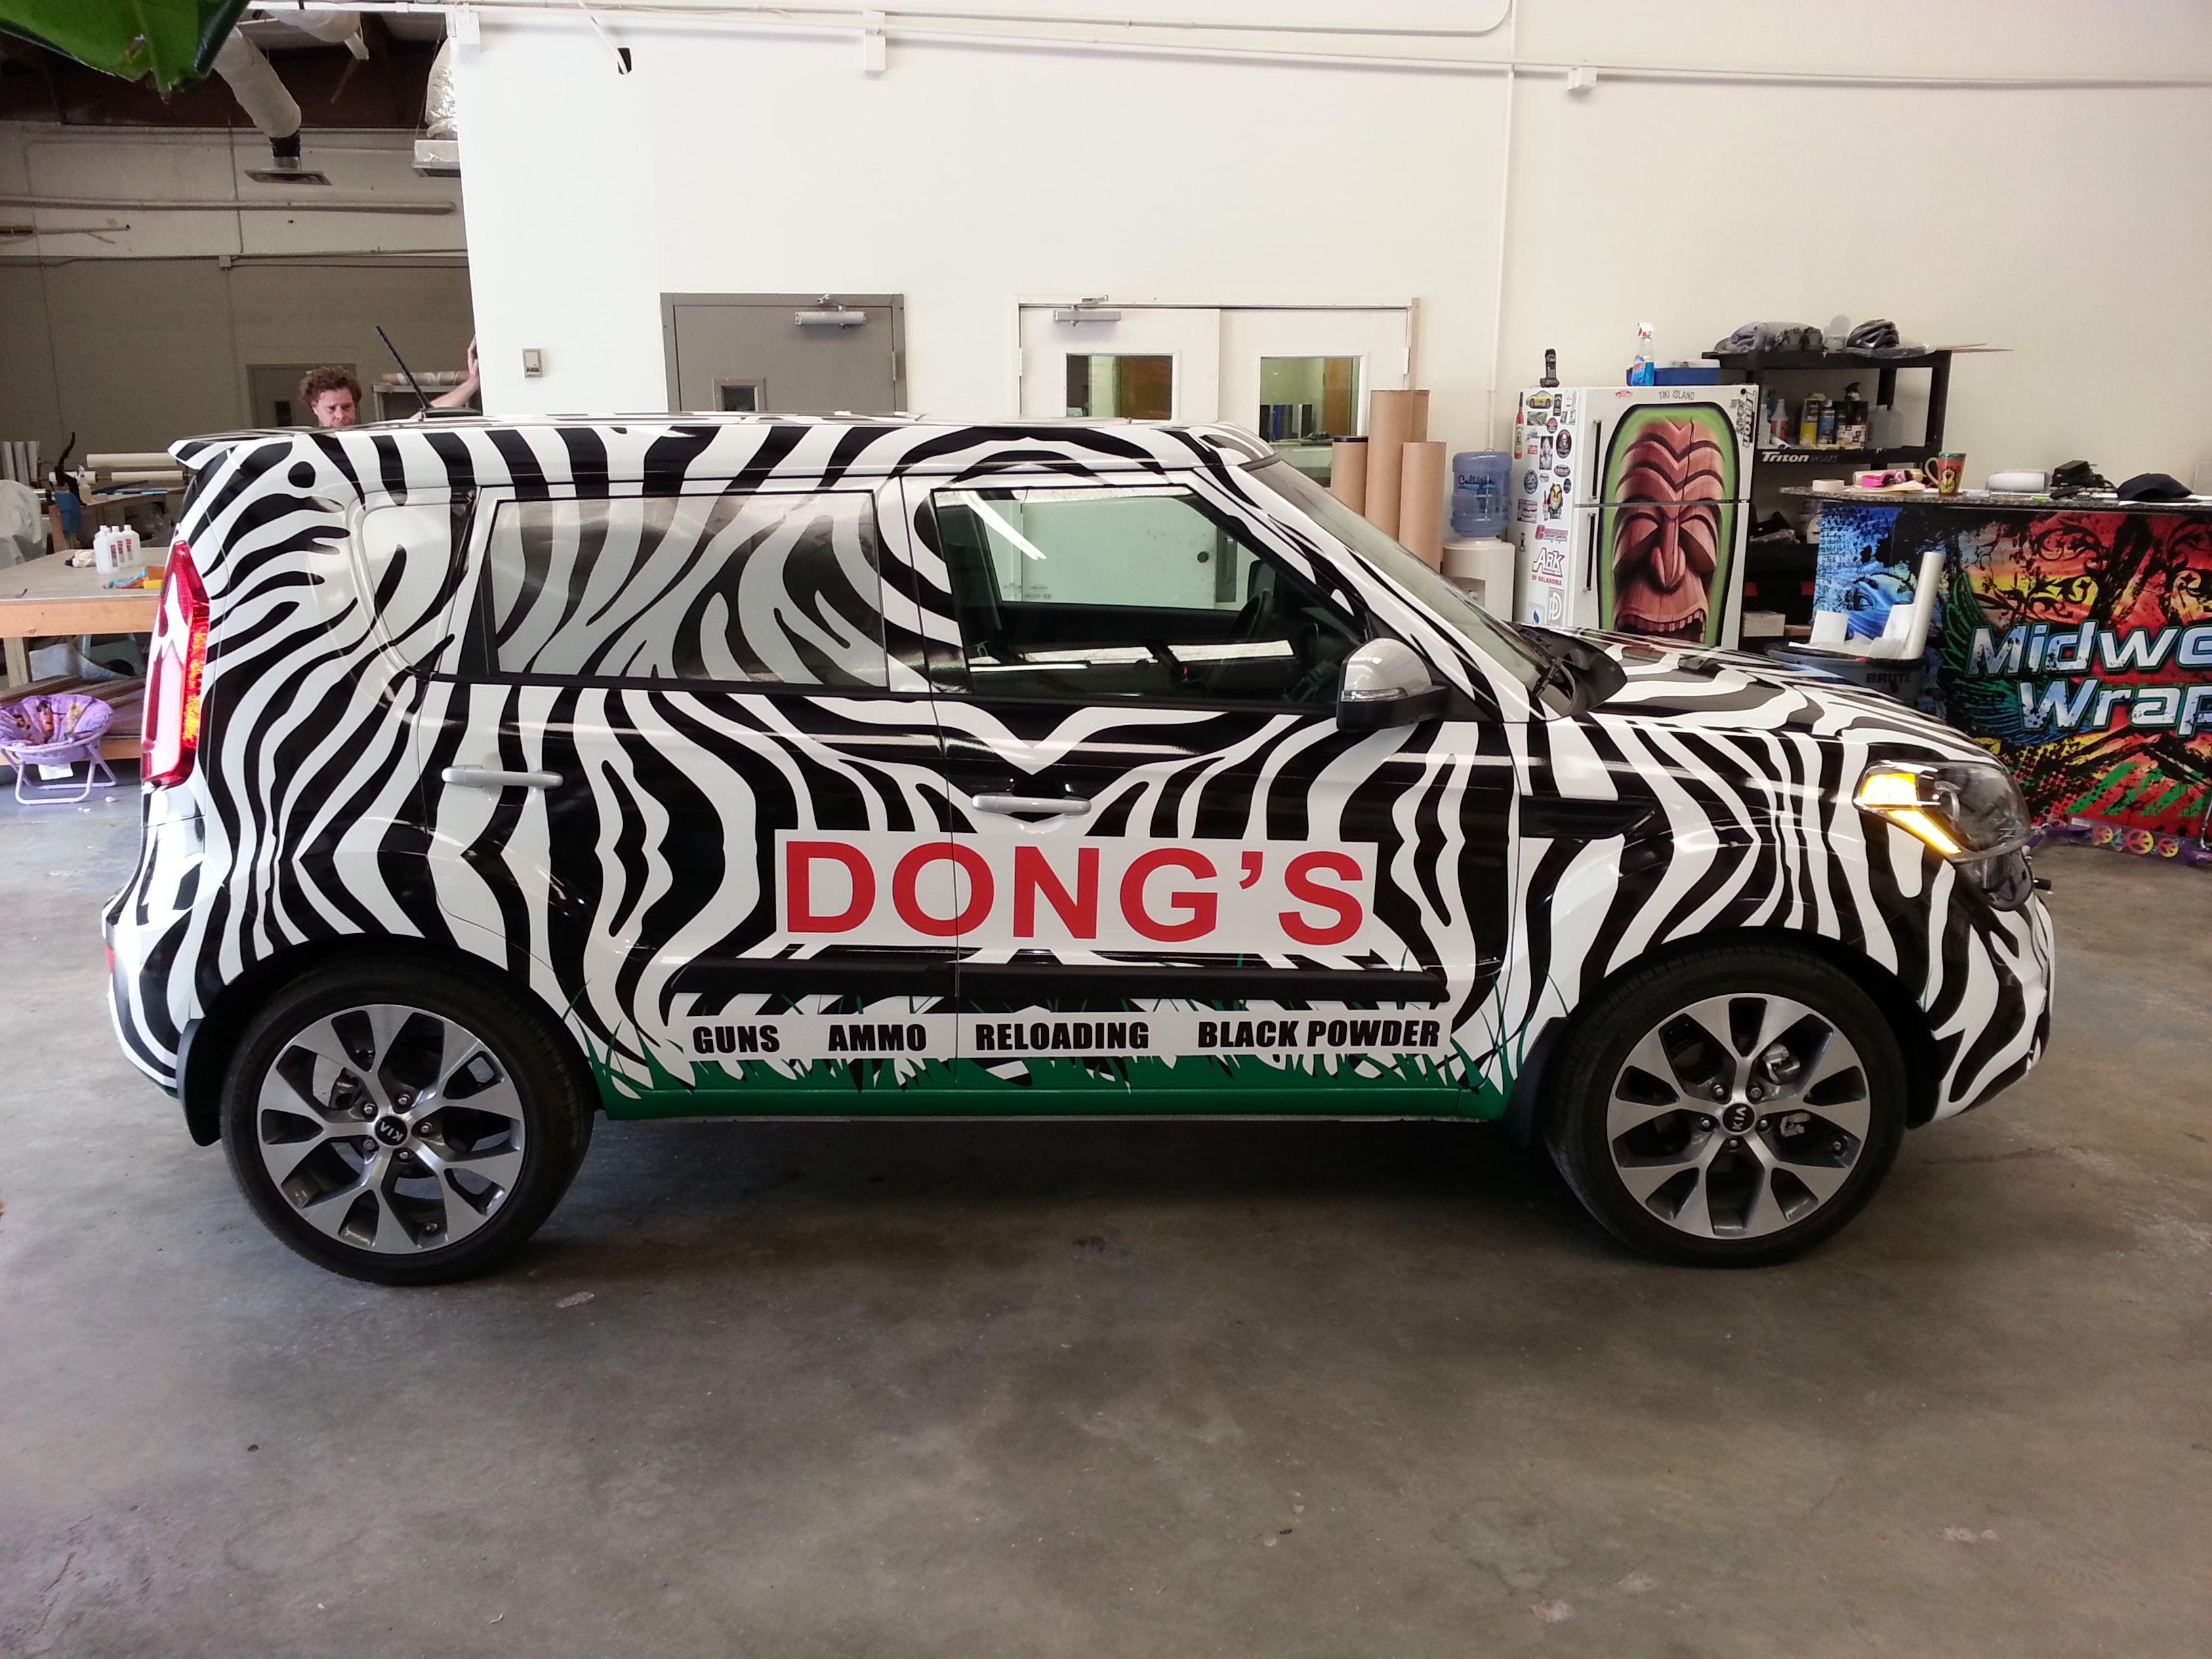 Zebra kia soule vehicle wrap